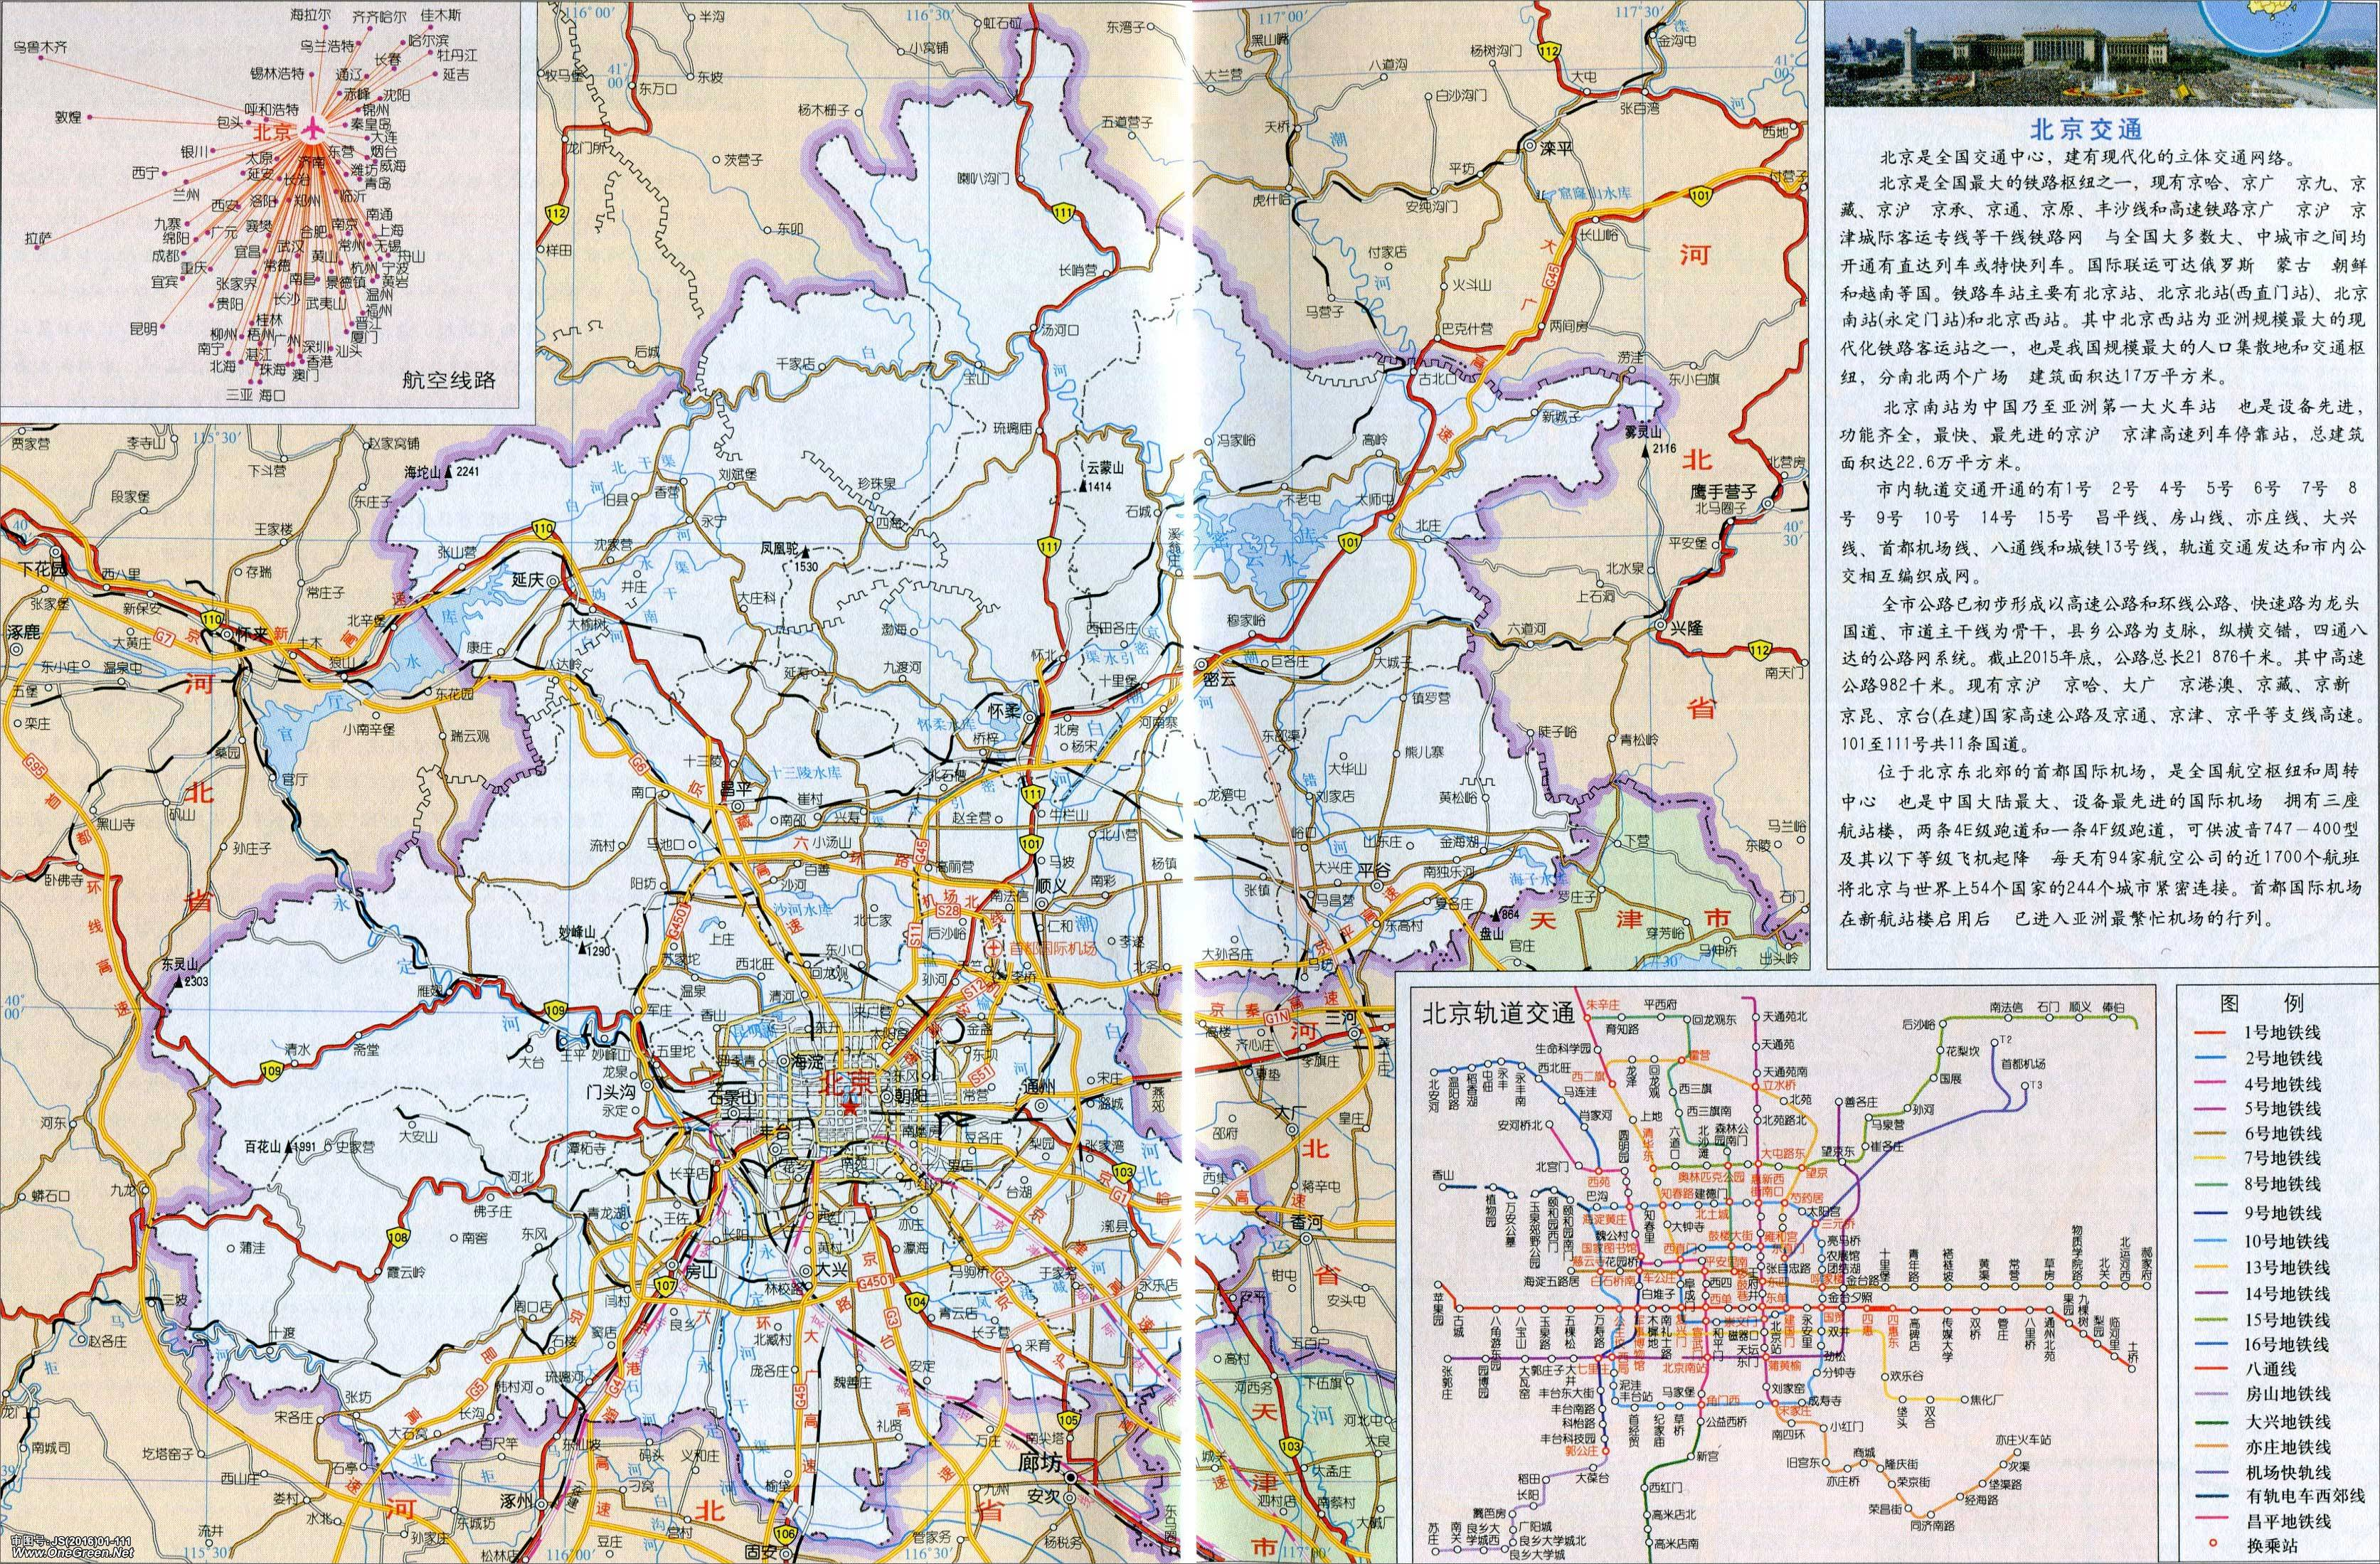 北京市区地图